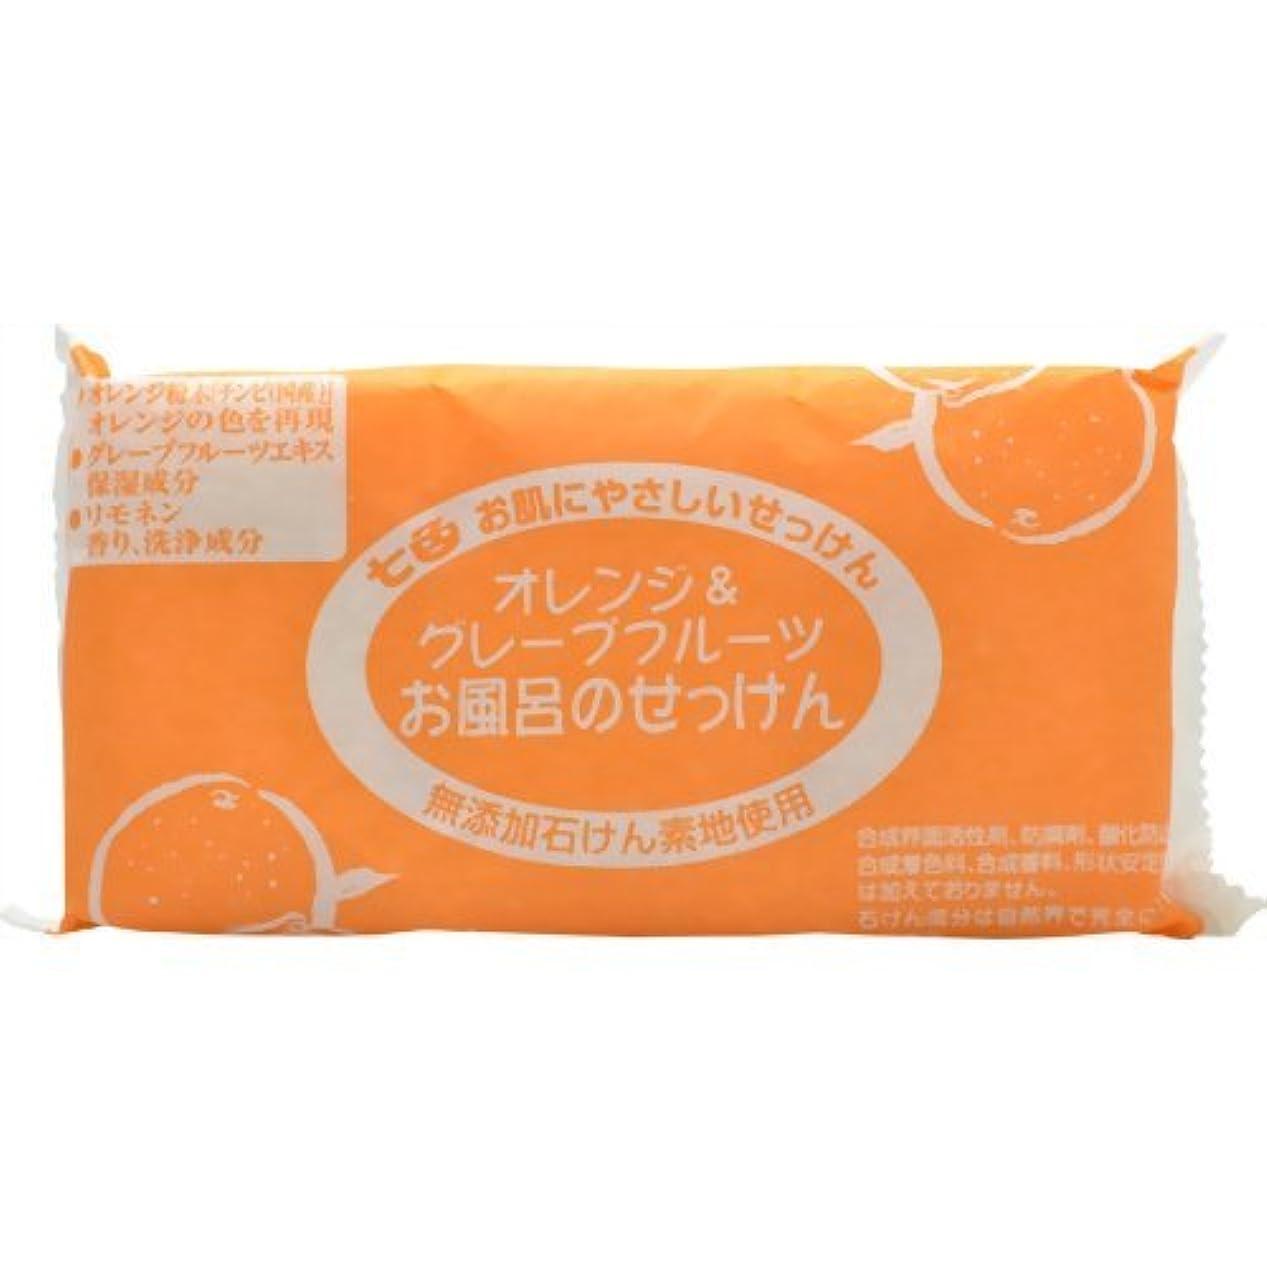 比類のない混合トラクターまるは オレンジ&グレープフルーツ お風呂の石鹸 3個入り